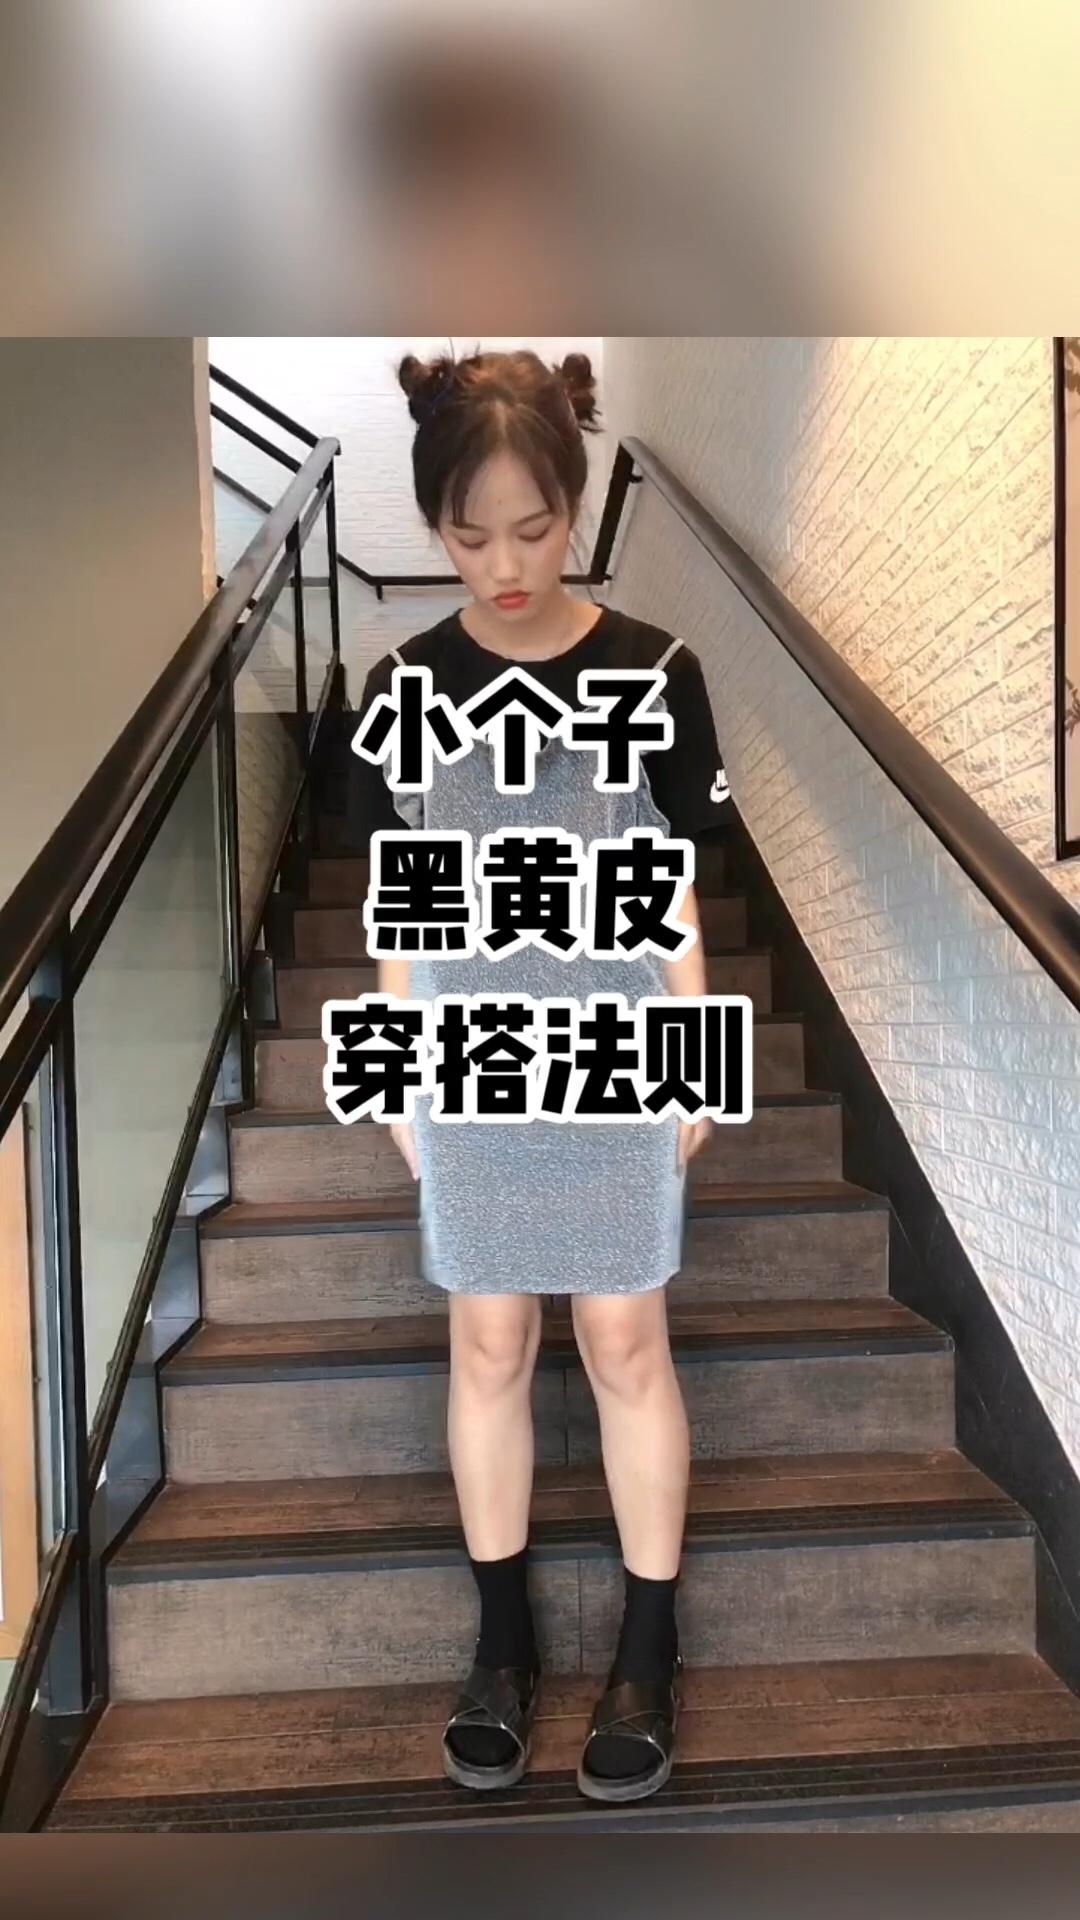 黑色短袖➕bling裙➕鞋子 这条裙子应该要穿出性感的感觉哈哈哈 但是被我穿出了可爱风 依旧很好看的呀 里面搭配了耐克的短袖 可爱又调皮的样子 买下它!!#618销量top竟是这些网红店!#